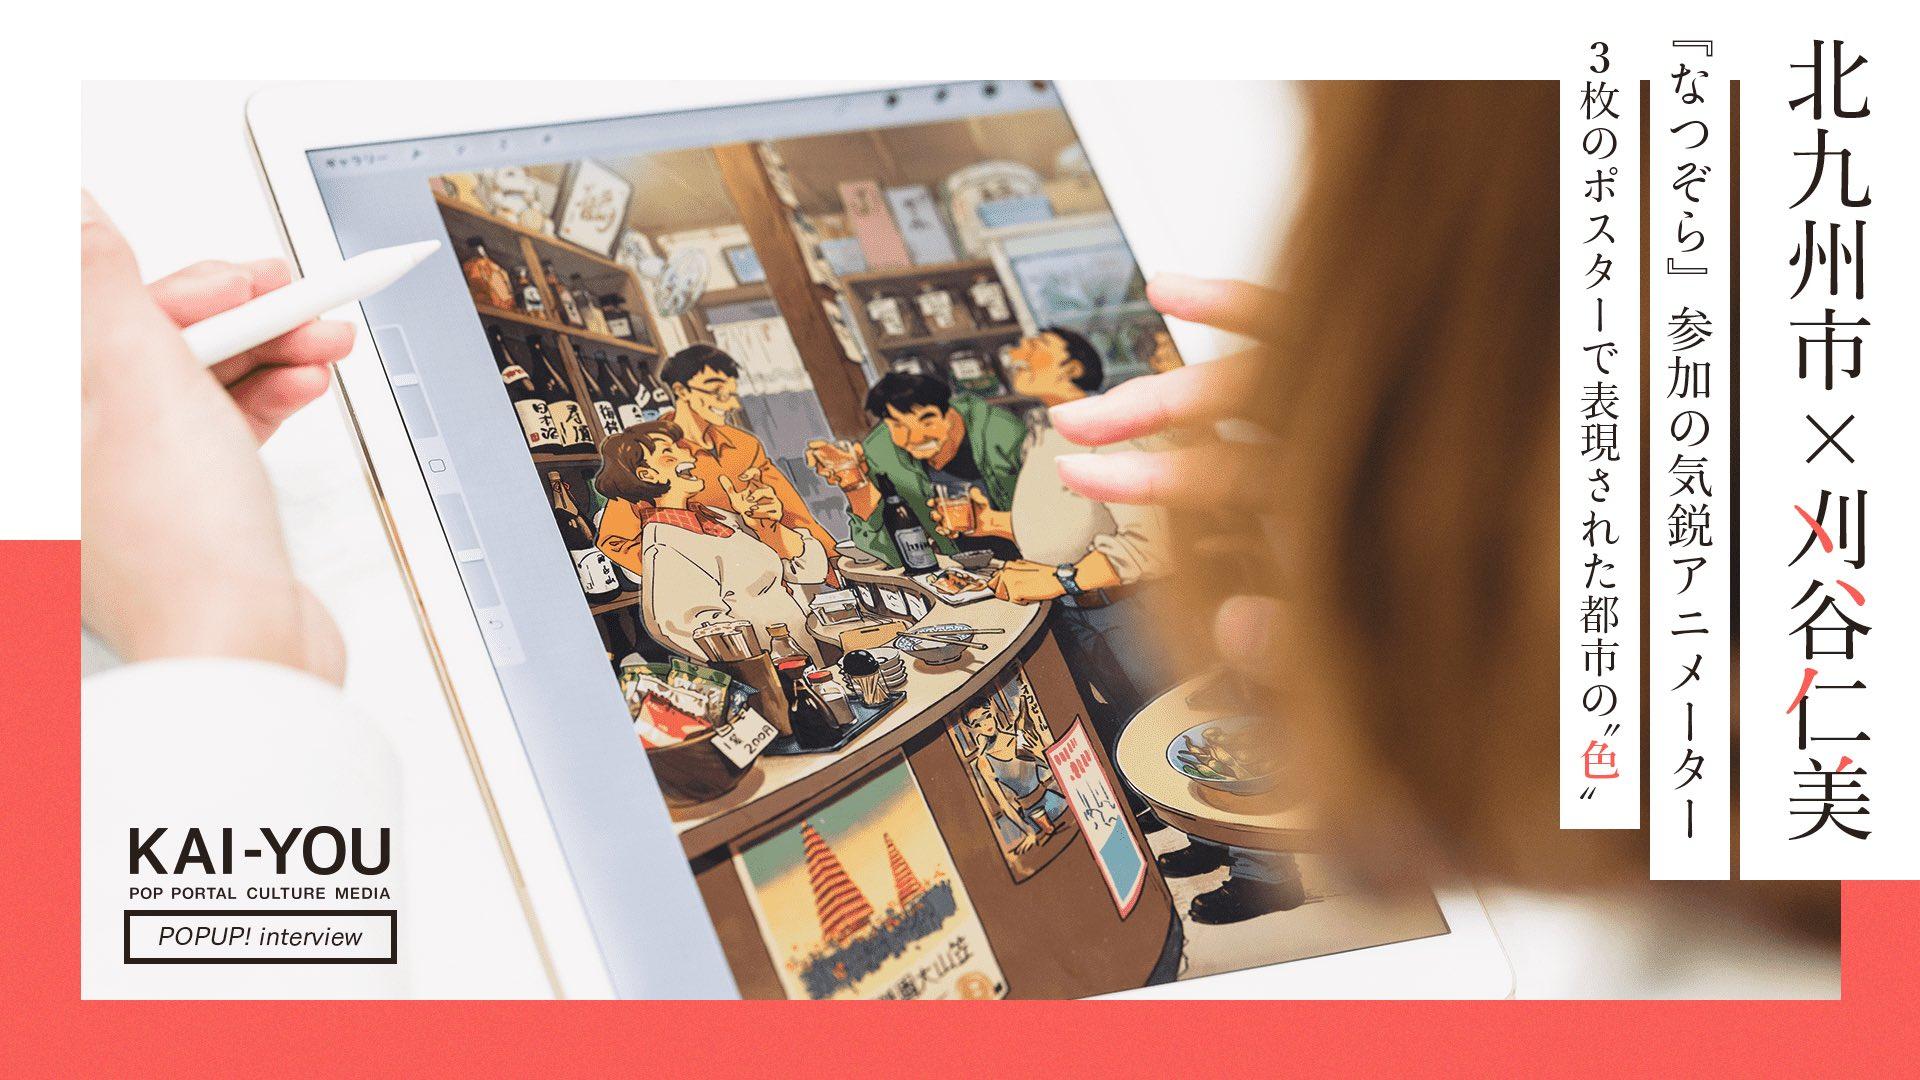 アニメーター 刈谷仁美の描く北九州市 心を満たし、絵に表したくなる人と風景